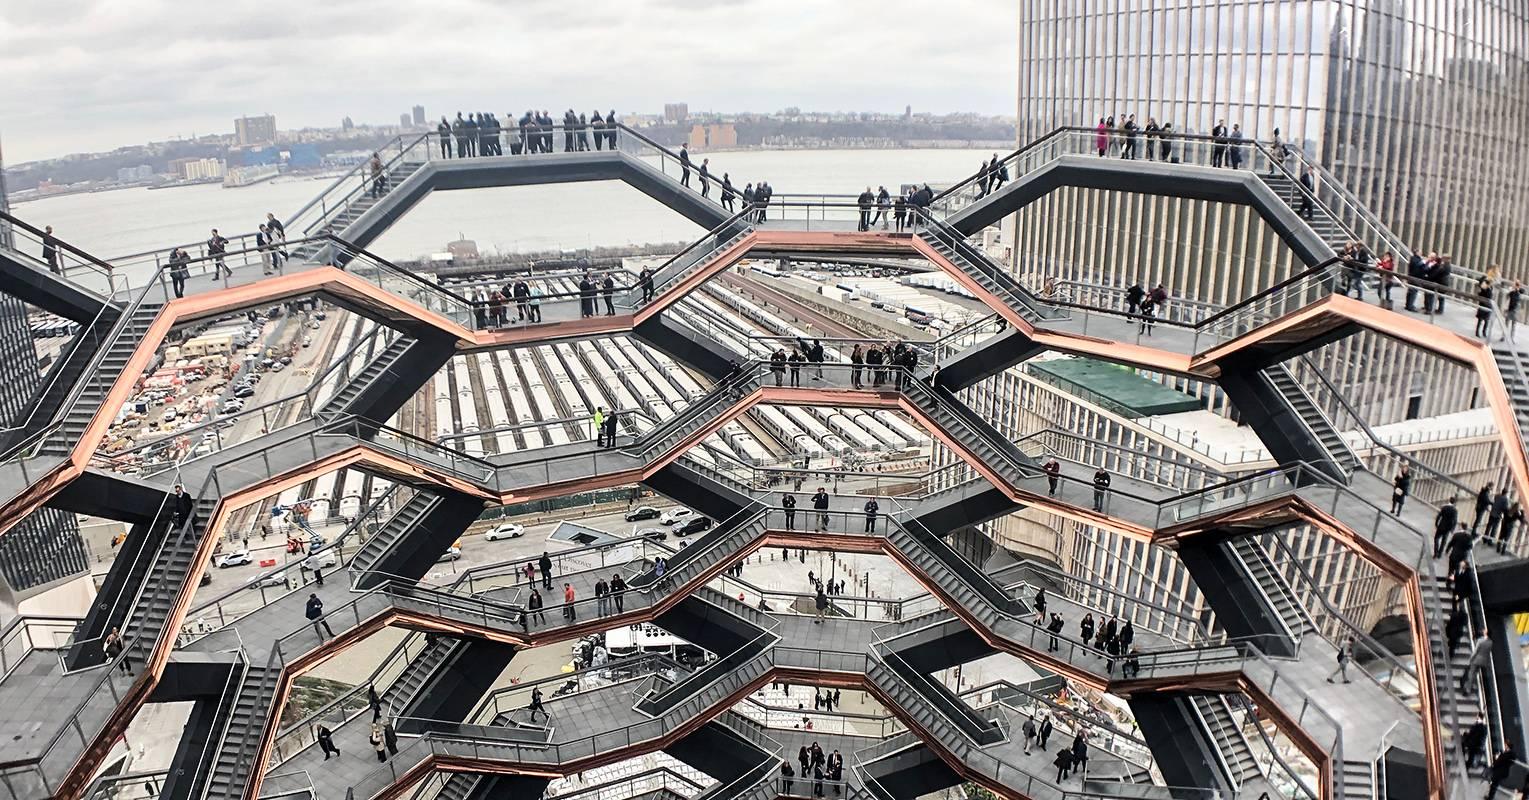 Os visitantes apreciam uma bela vista de NY  a uma altura de 46 metros. (Crédito: divulgação).